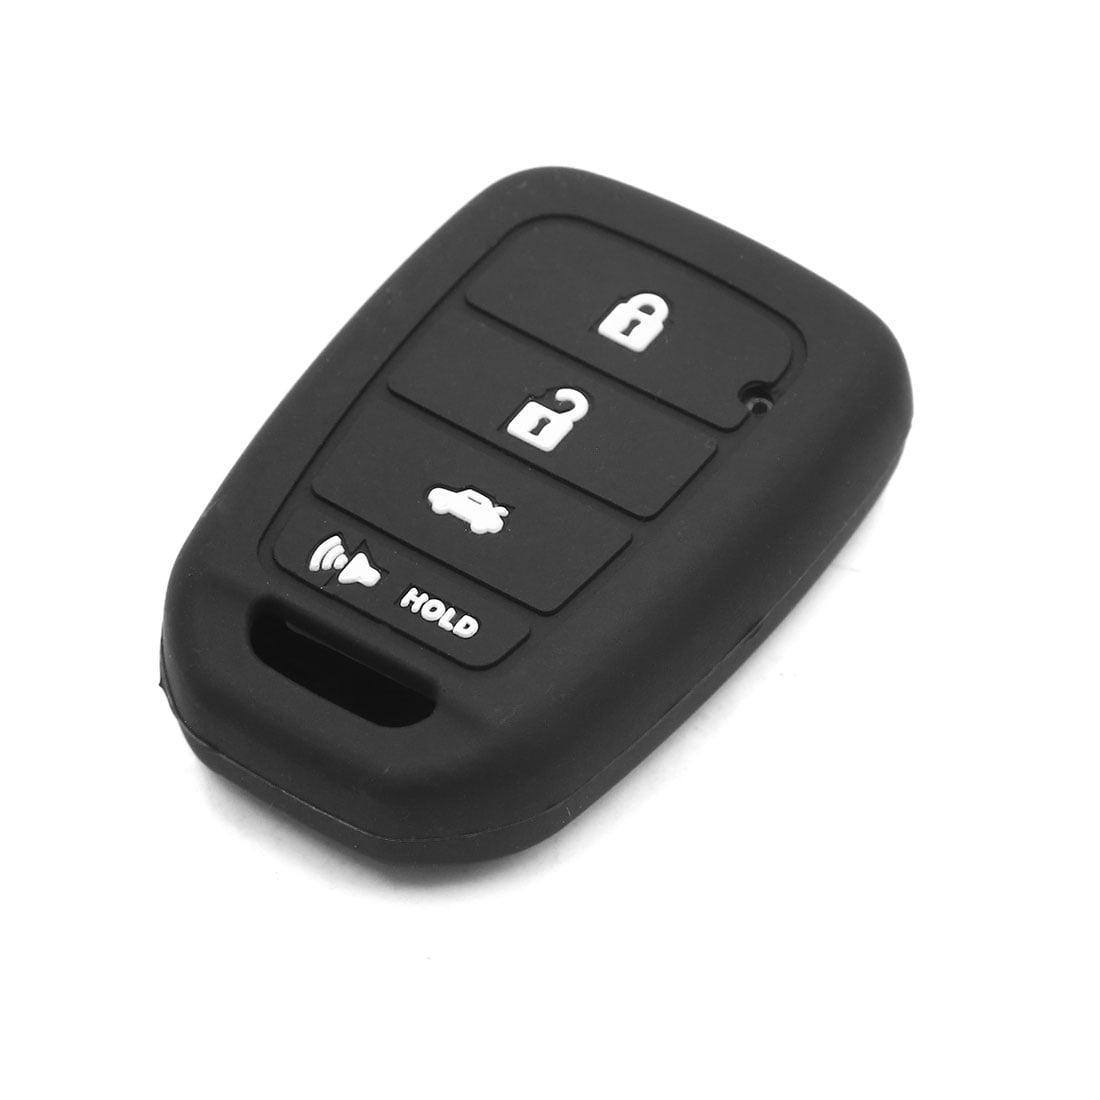 4 Button Rubber Car Remote Control Key Cover Case